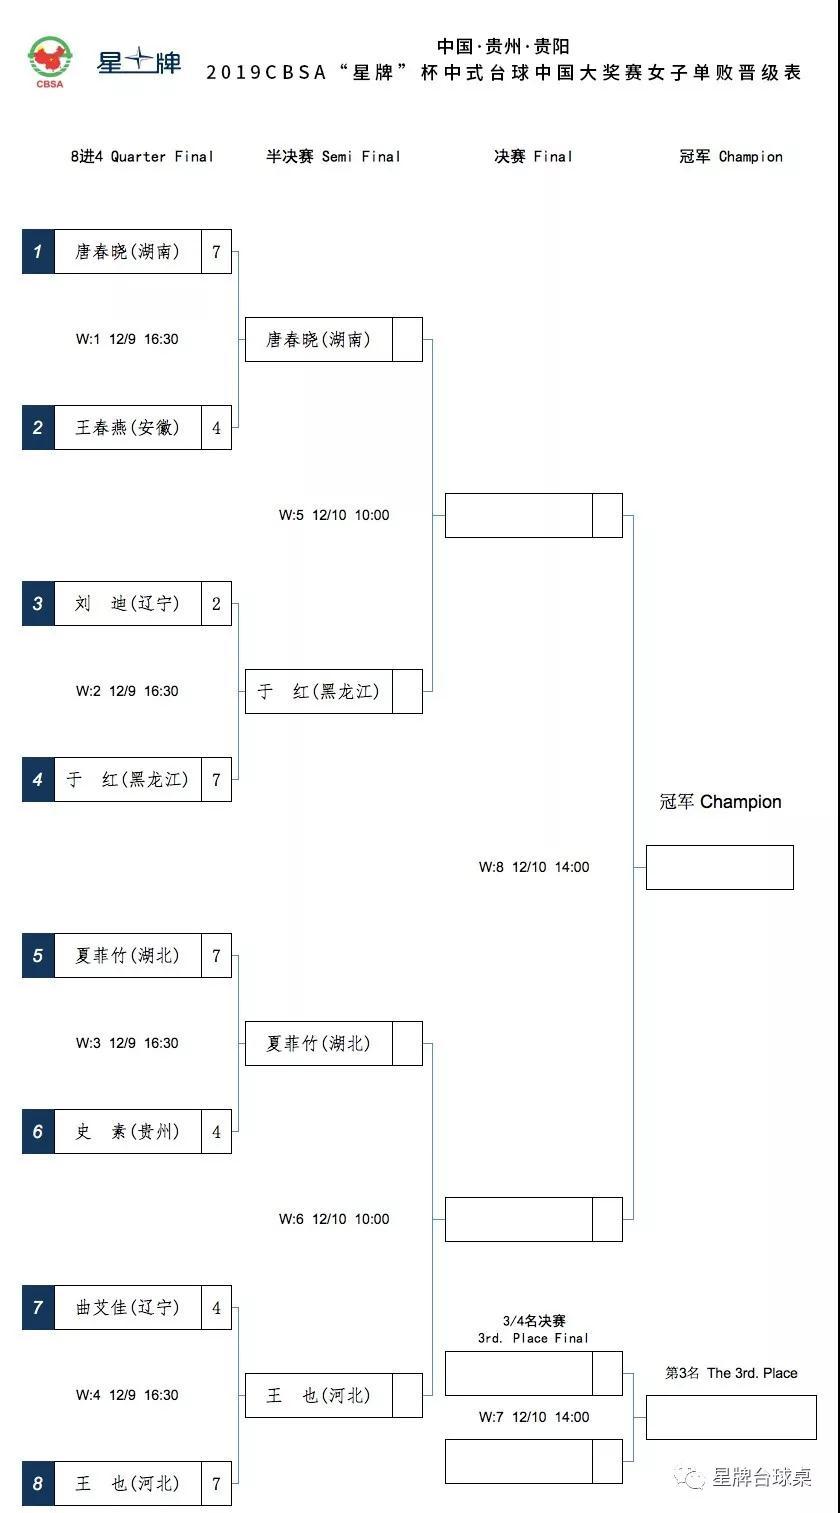 CBSA星牌杯大奖赛男女单败淘汰阶段最新签表